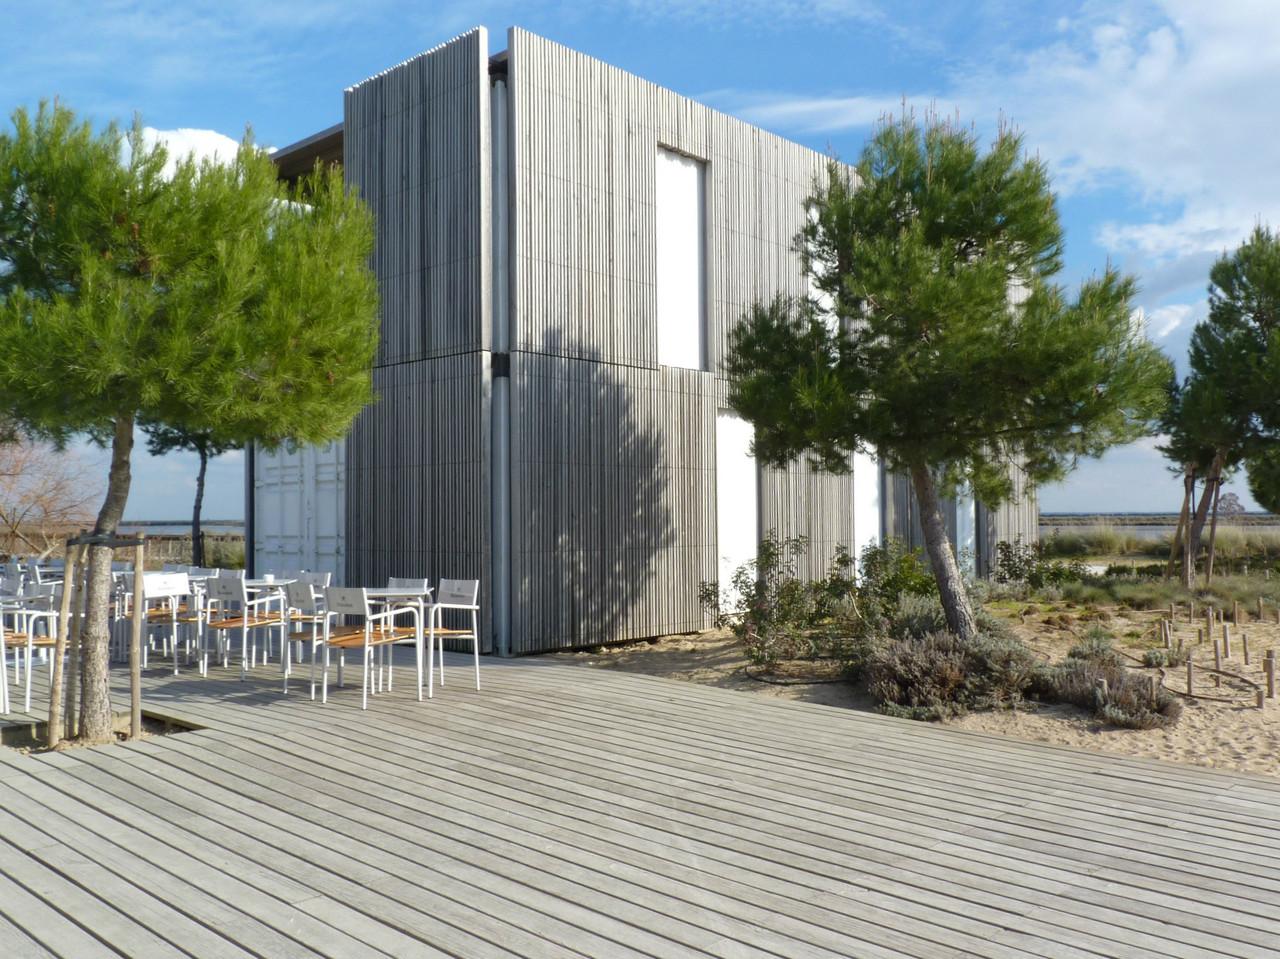 Parque Linear Ribeirinho do Estuário do Tejo (7).